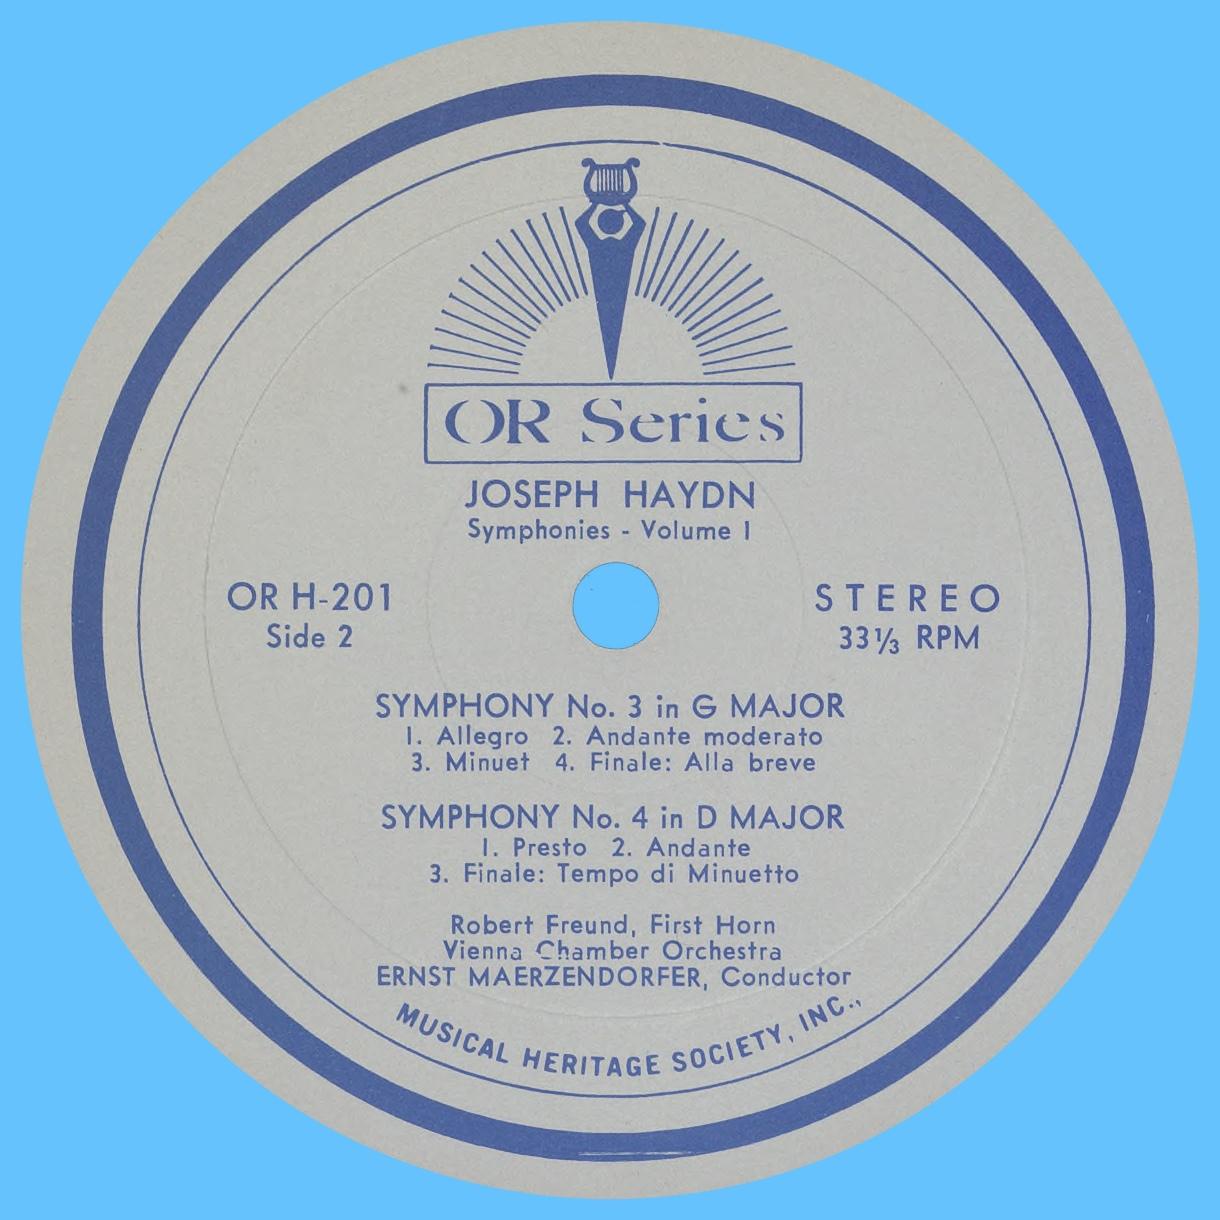 Étiquette verso du disque MHS Orpheus OR H-101